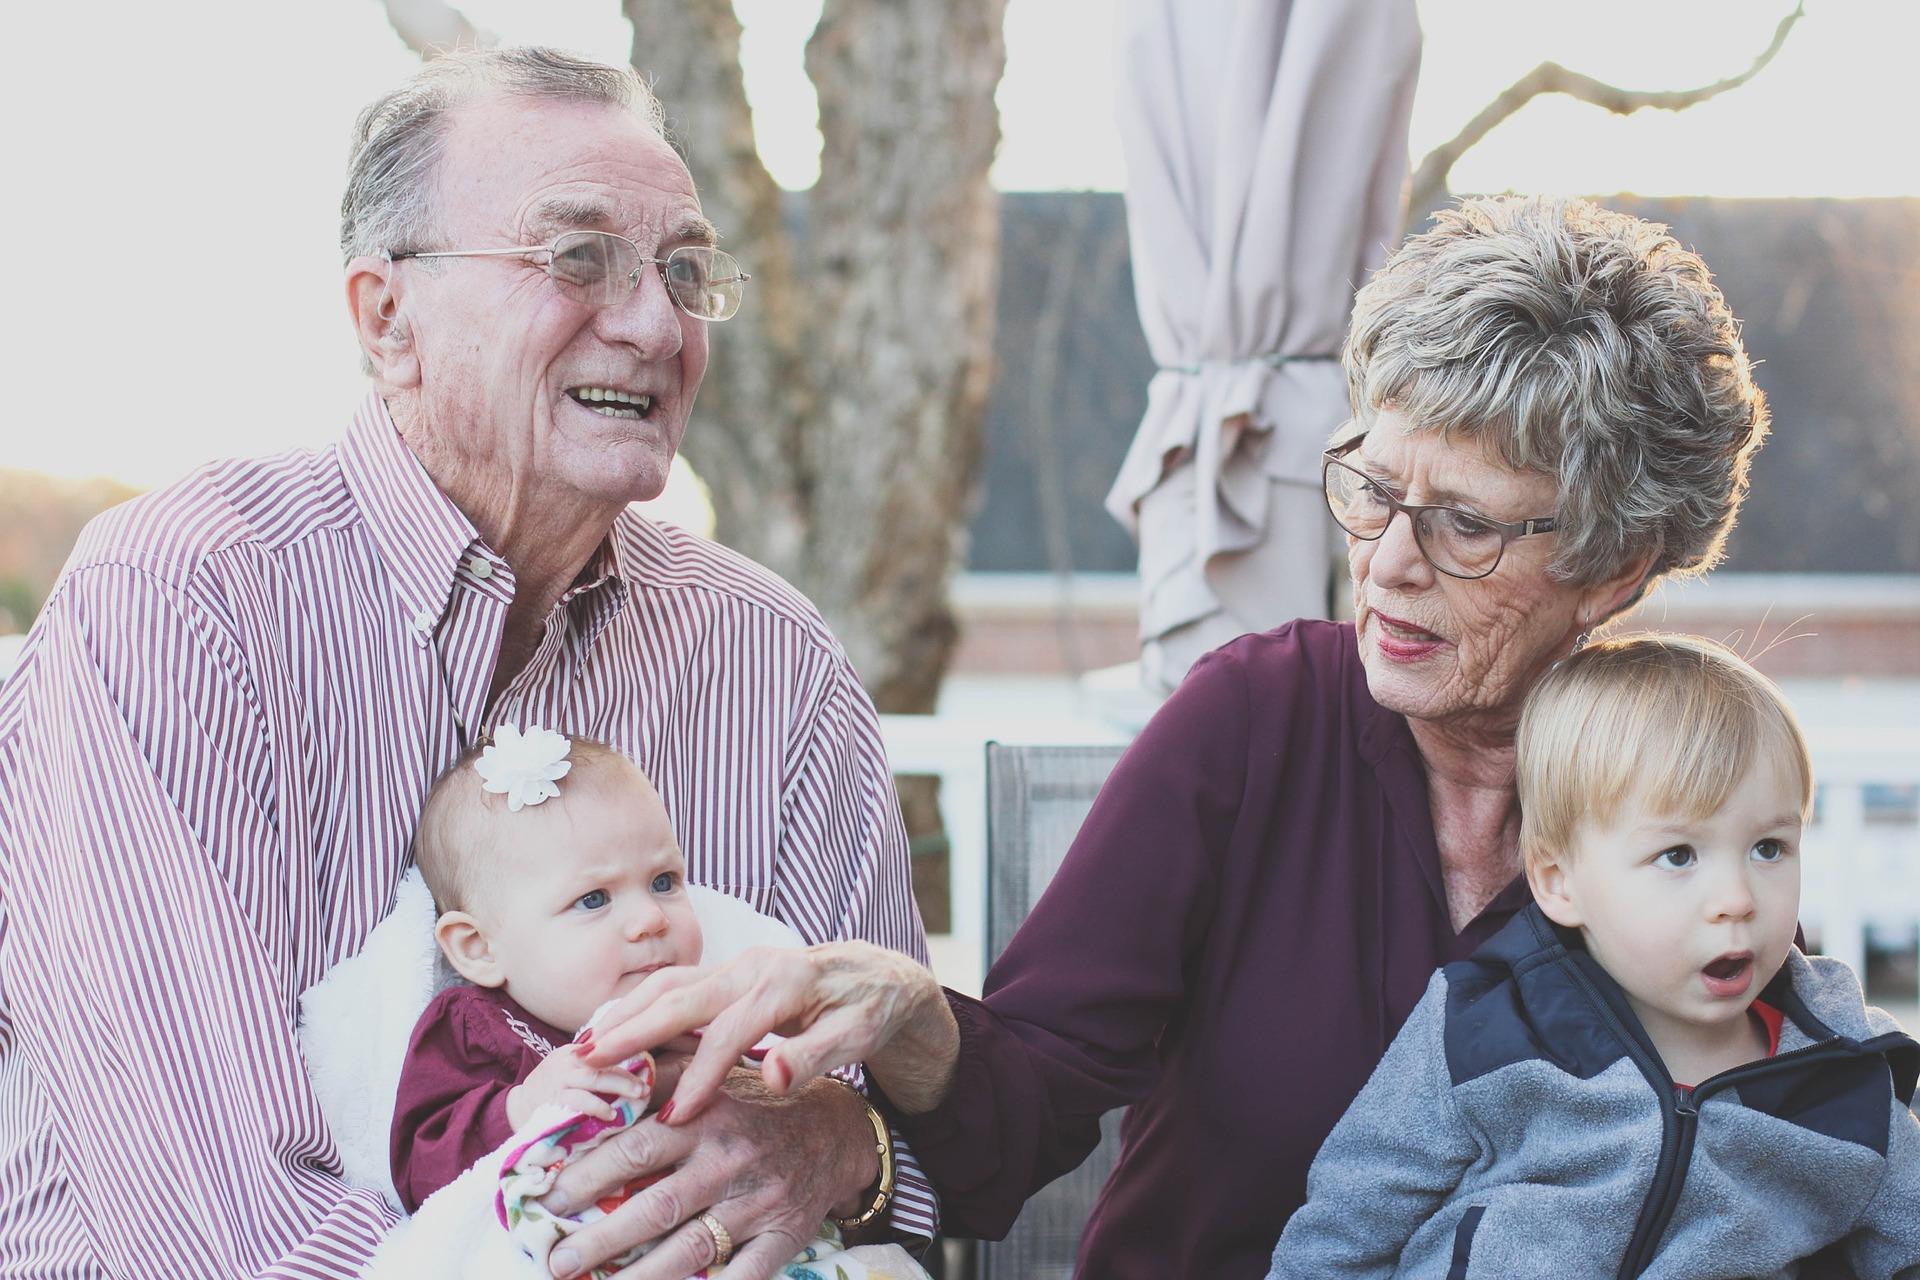 grandparents-1969824 1920 0